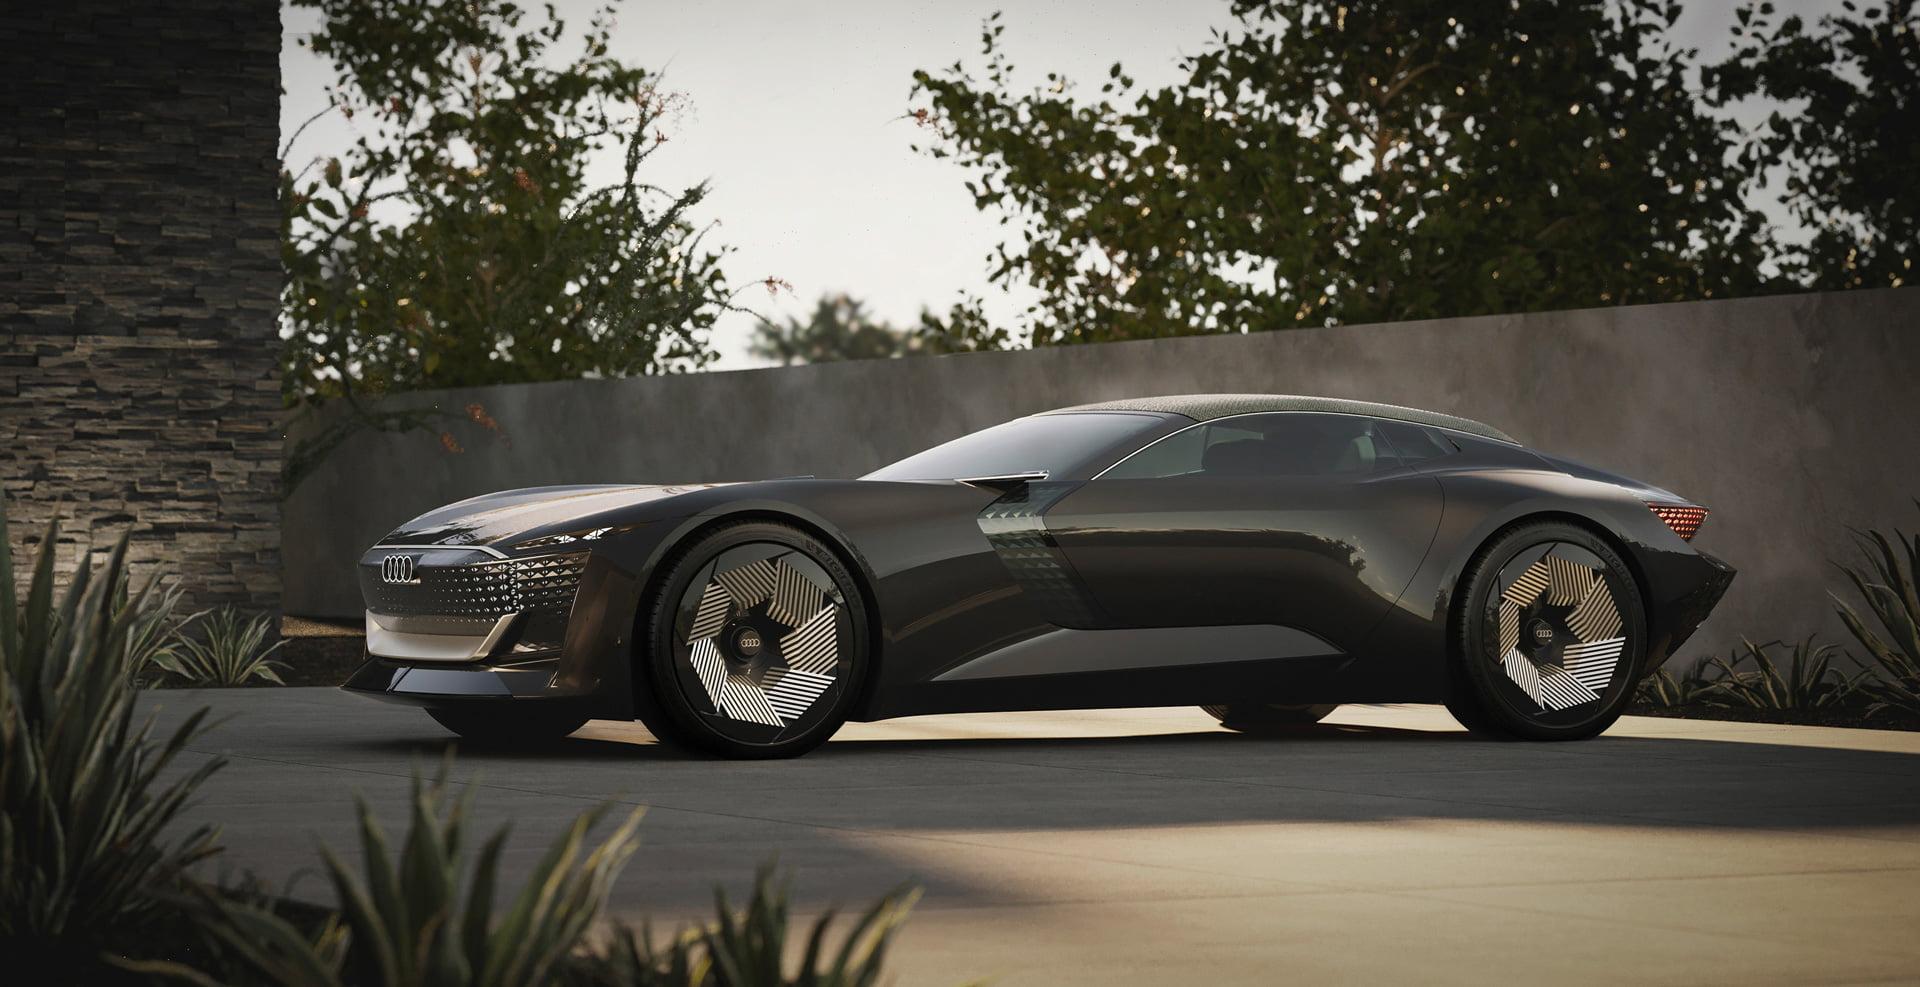 Audi skysphere concept es el nombre del convertible biplaza con propulsión eléctrica cuyas líneas conducen al diseño de los Audi del mañana más inmediato.